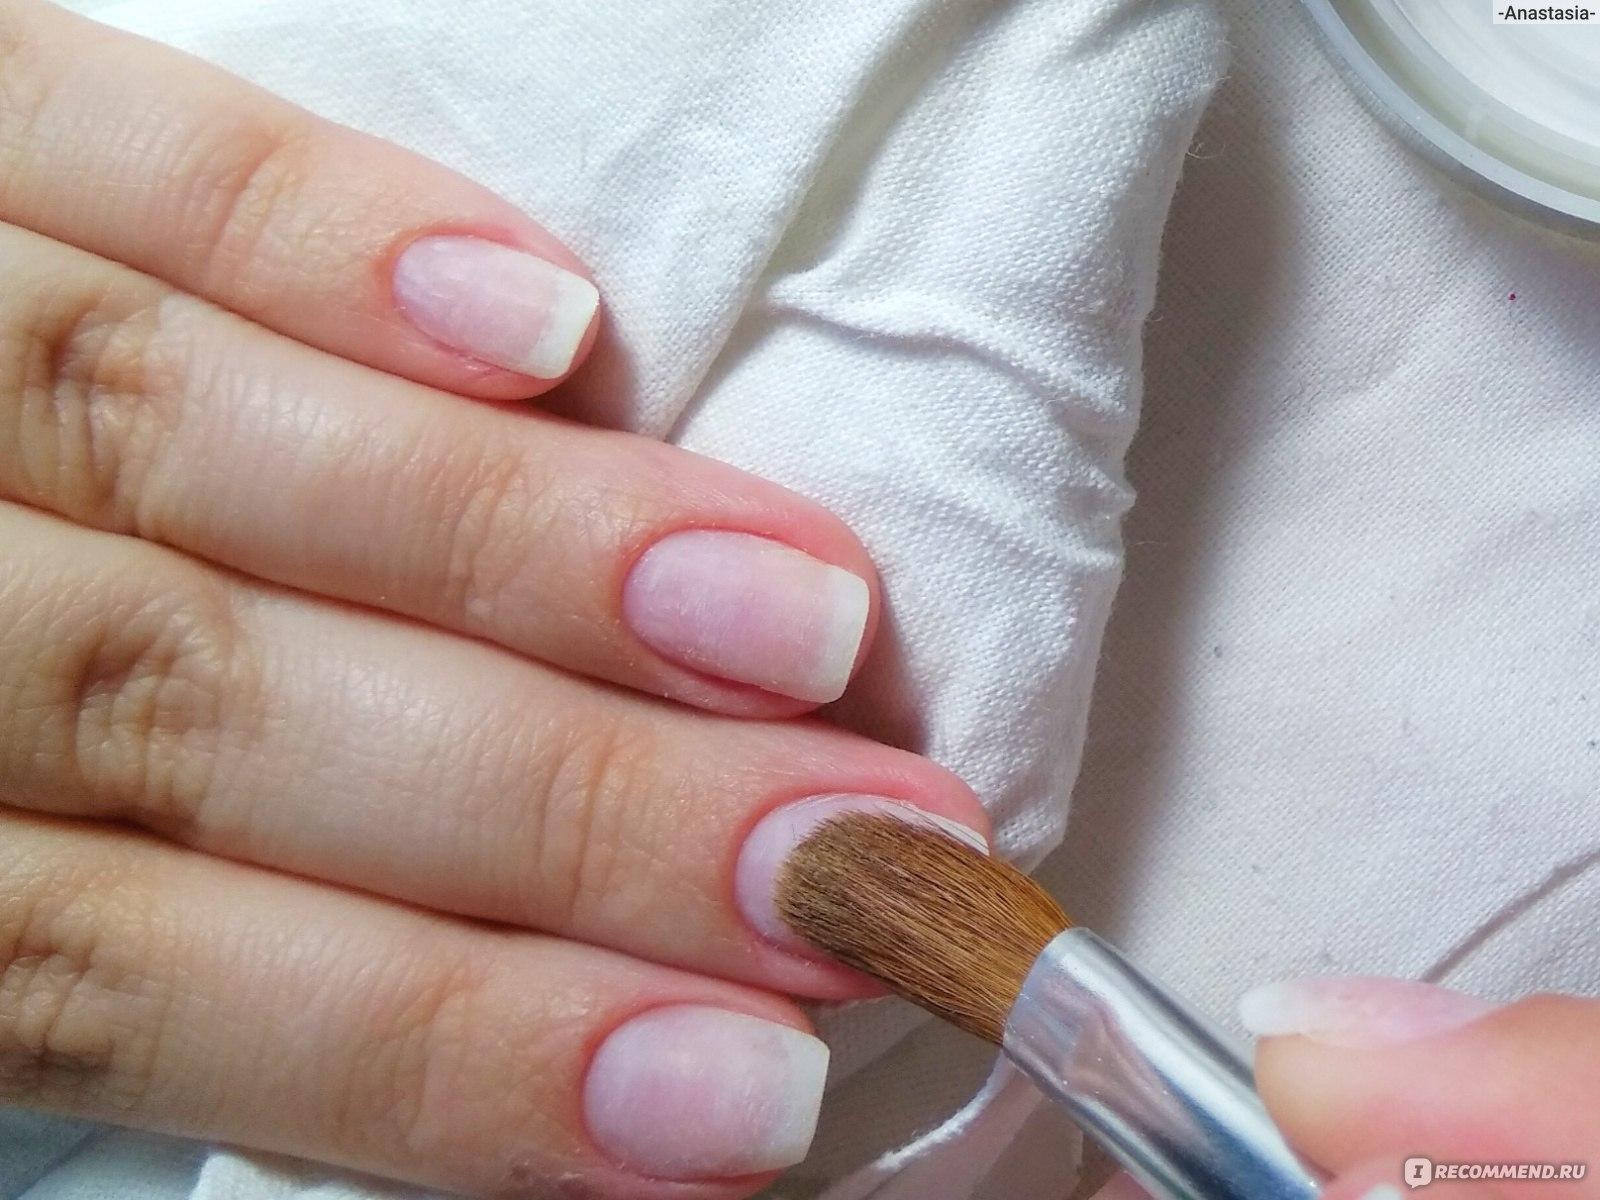 Как выглядит акриловая пудра для ногтей фото